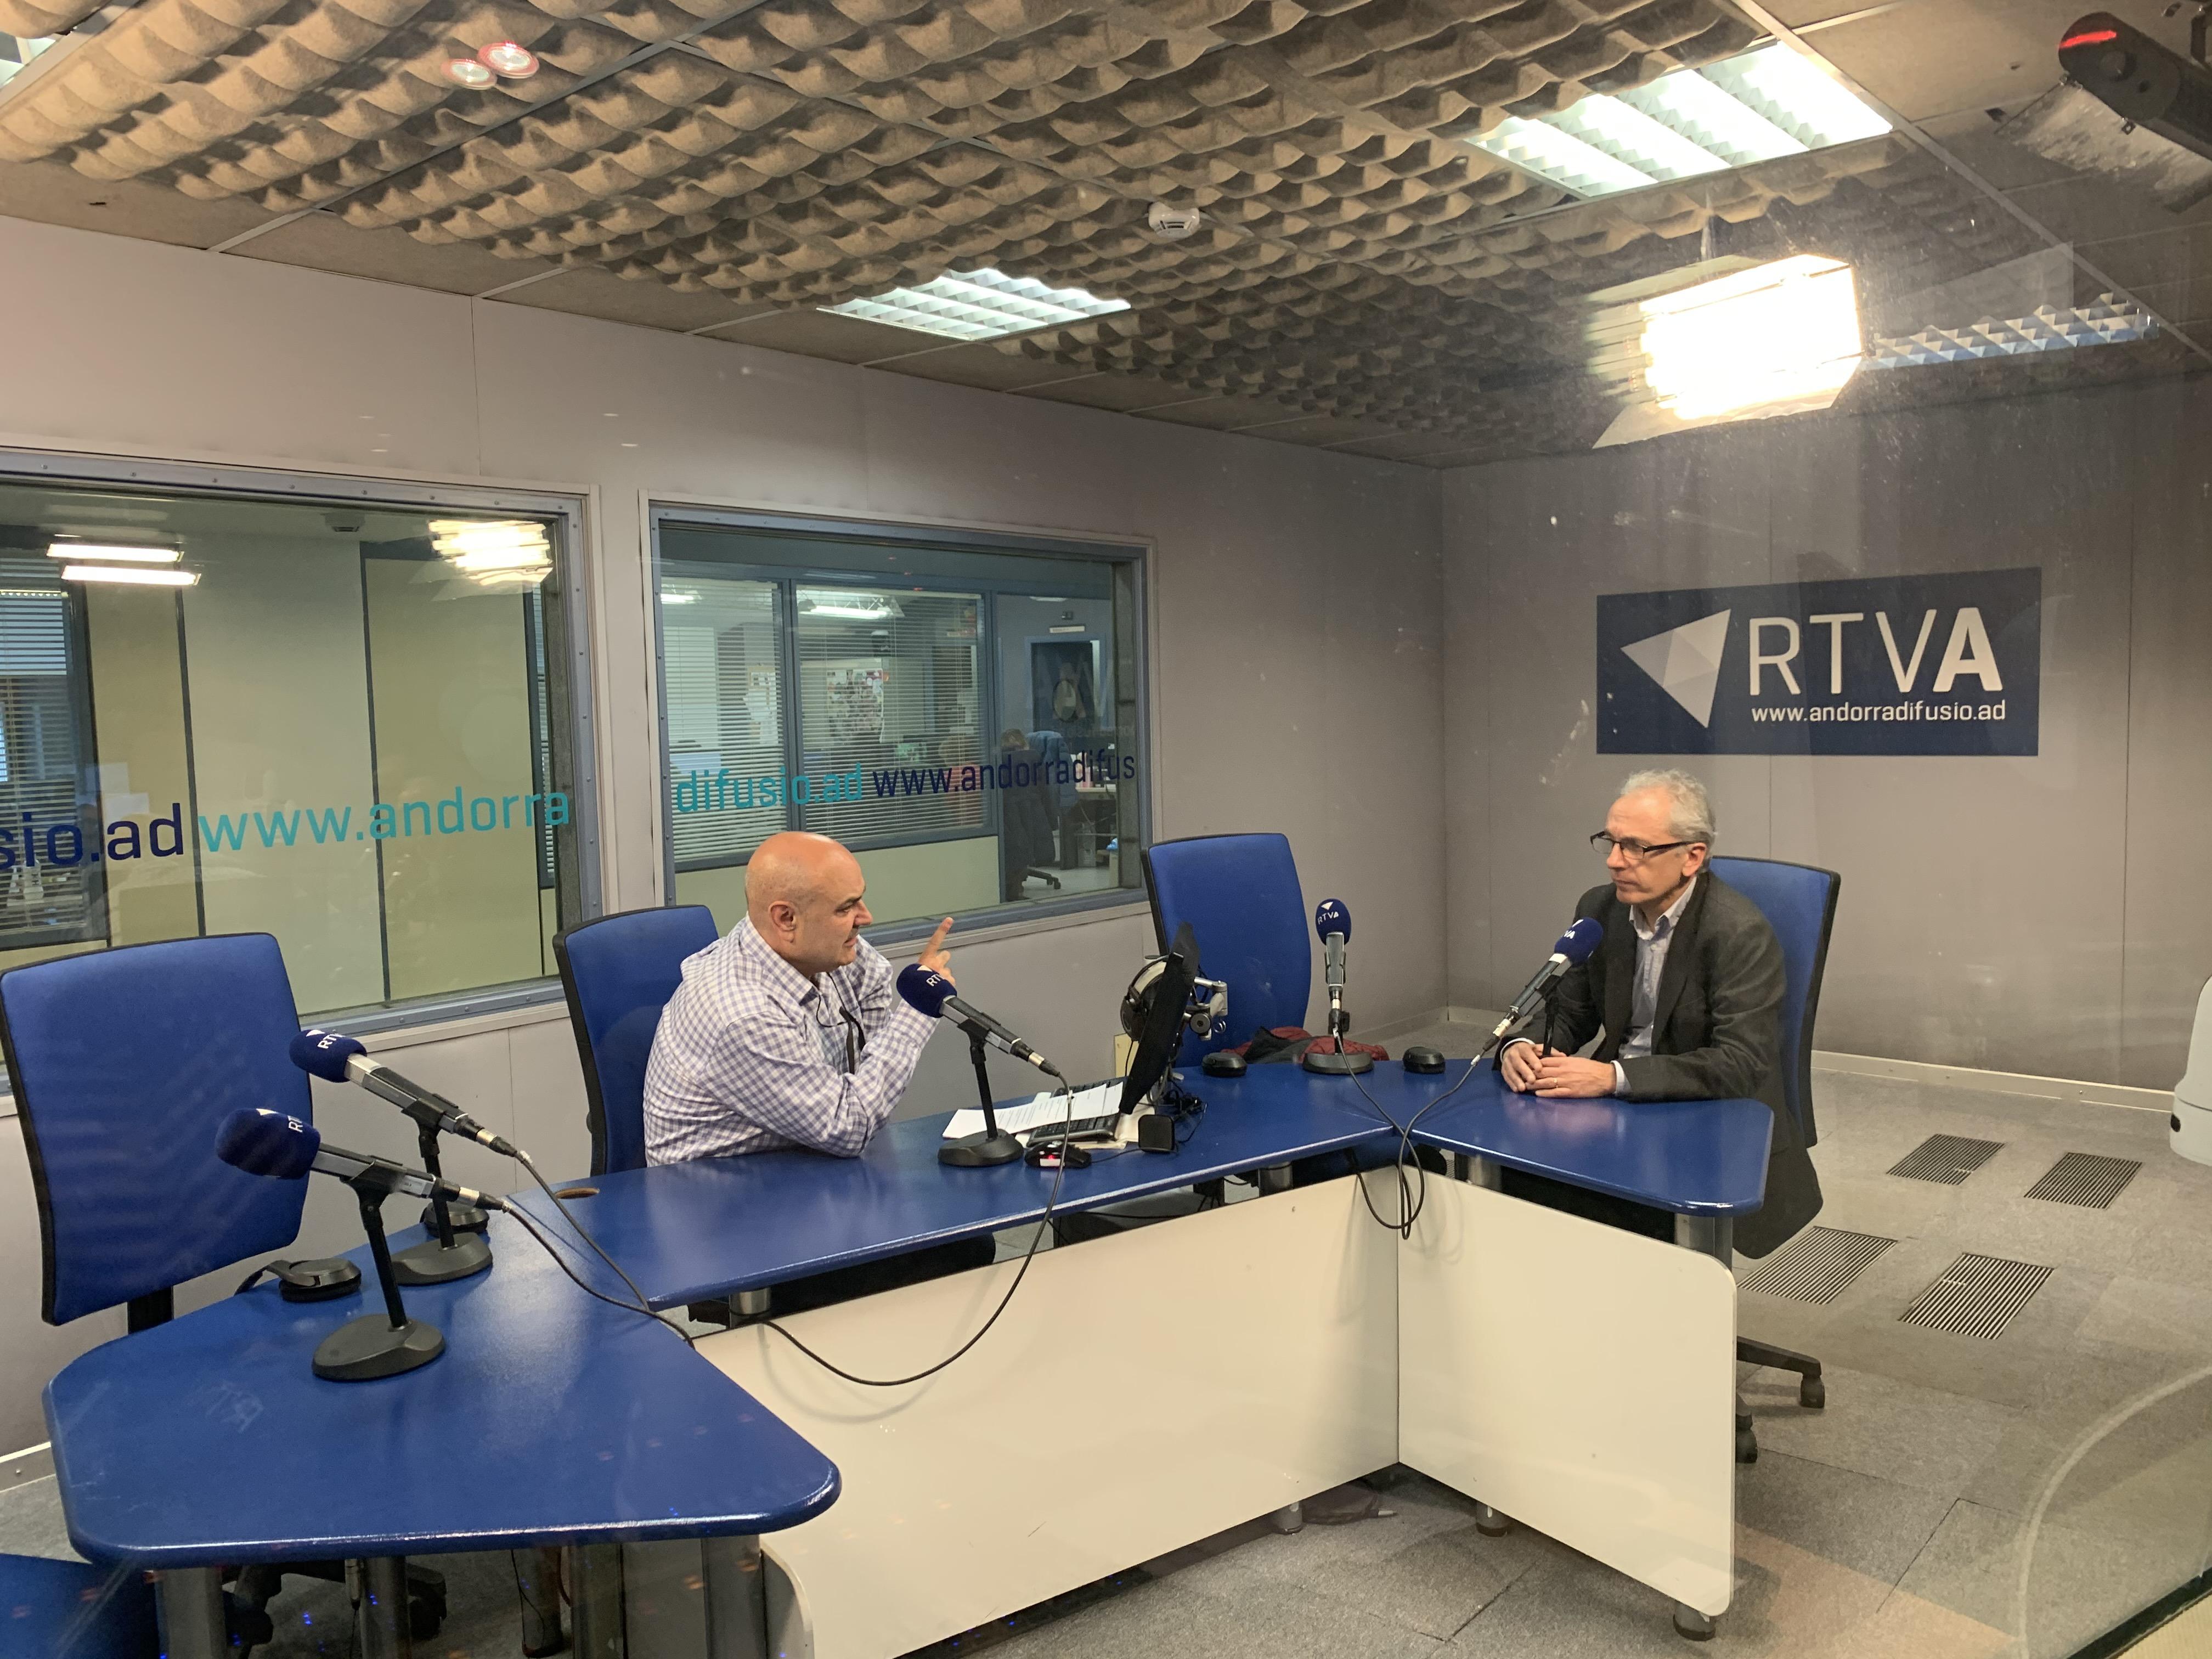 Entrevista al nou cònsol de Canillo, Francesc Camp